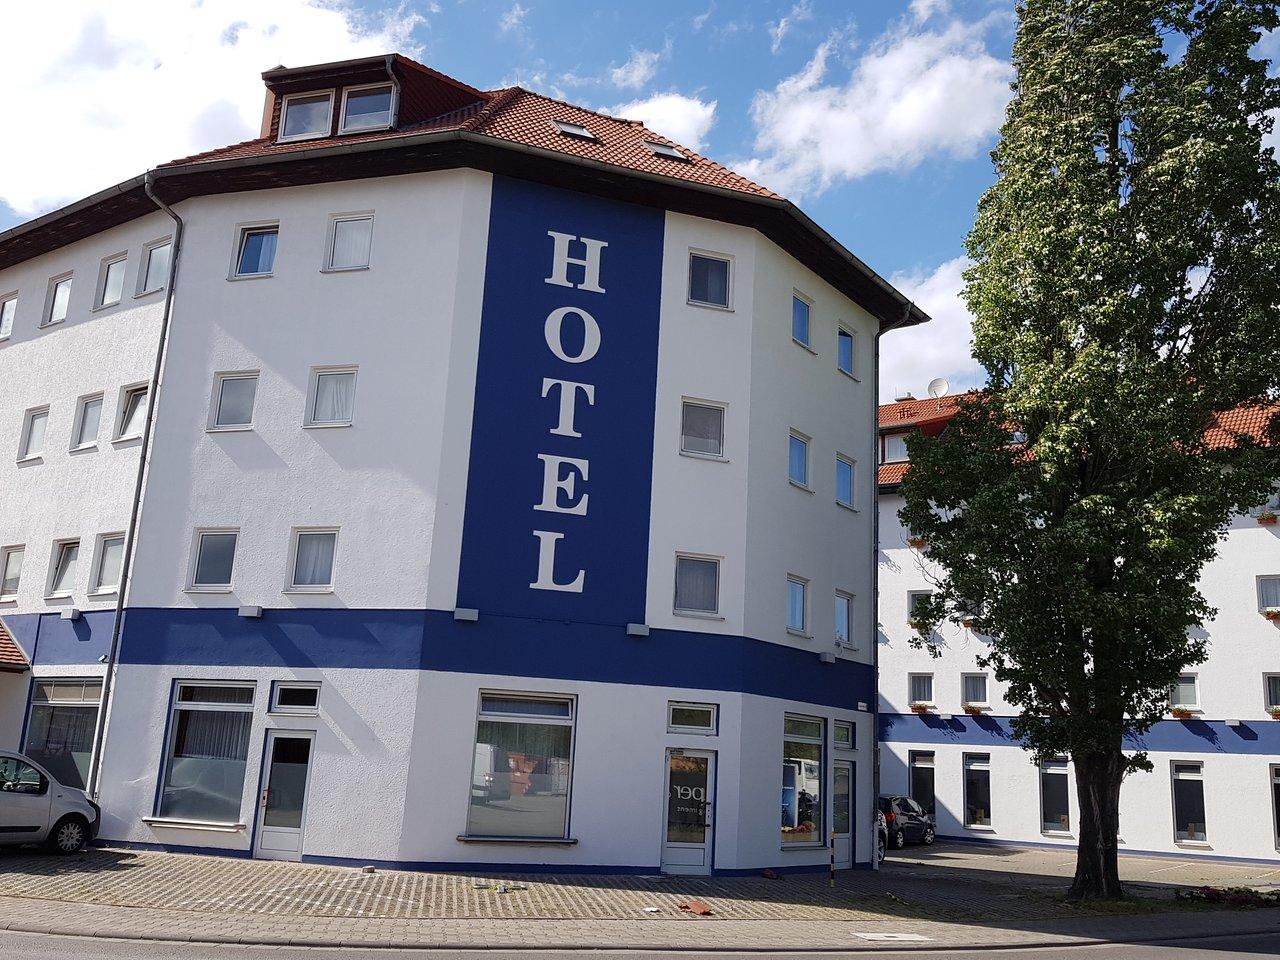 Frankair Star Hotel Frankfurt Airport Ab 46 8 8 Bewertungen